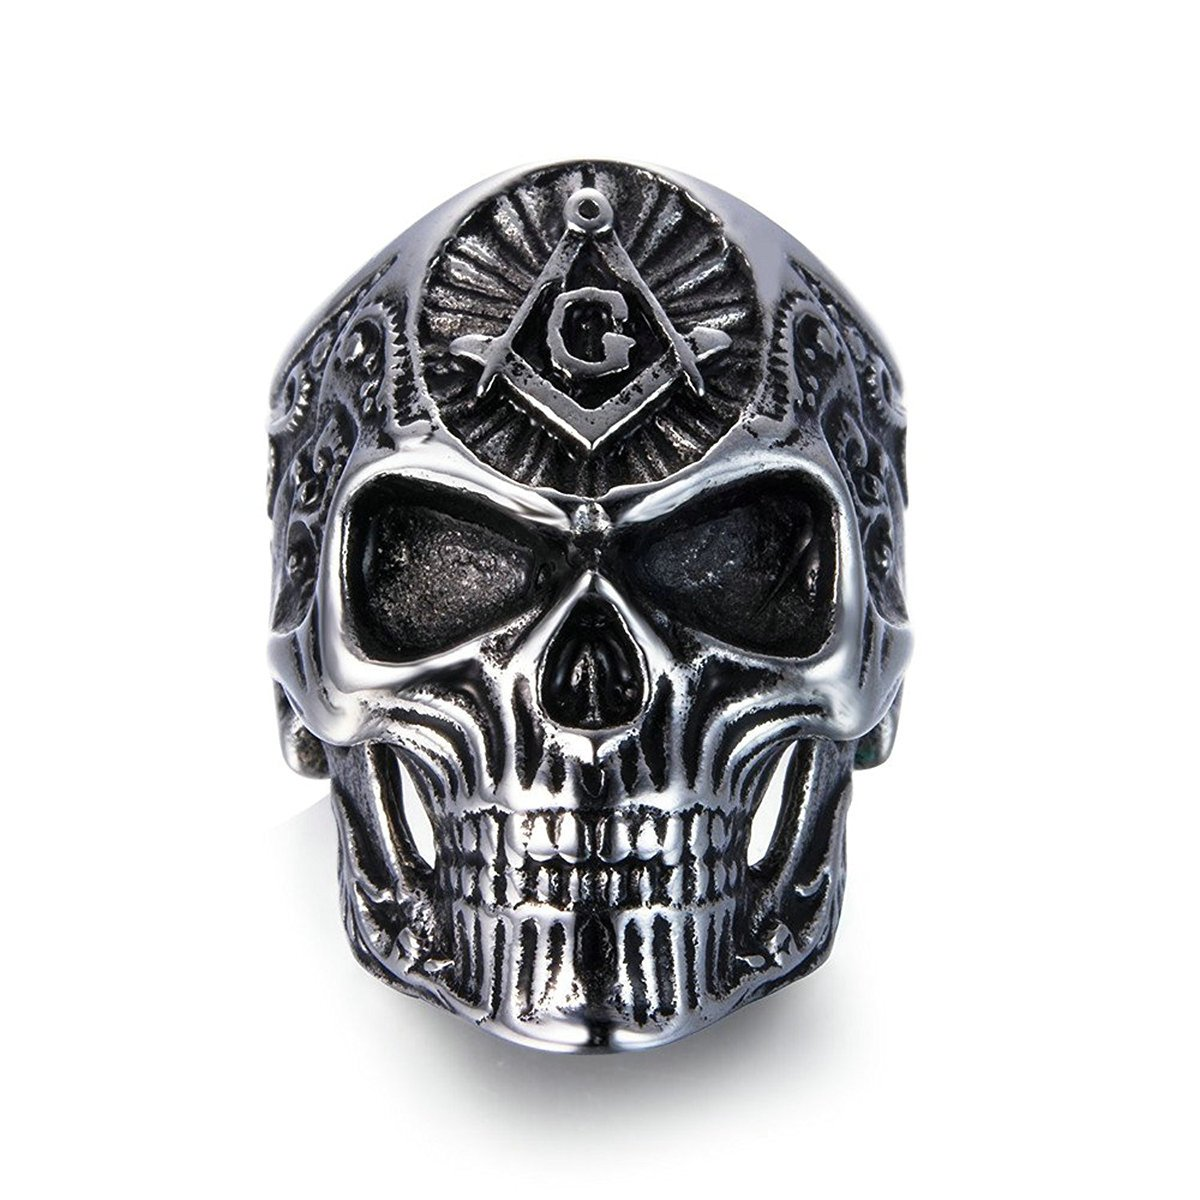 Men's Skull Rings Stainless Steel Masonic Freemason Band Biker Ring Black Silver Size 13